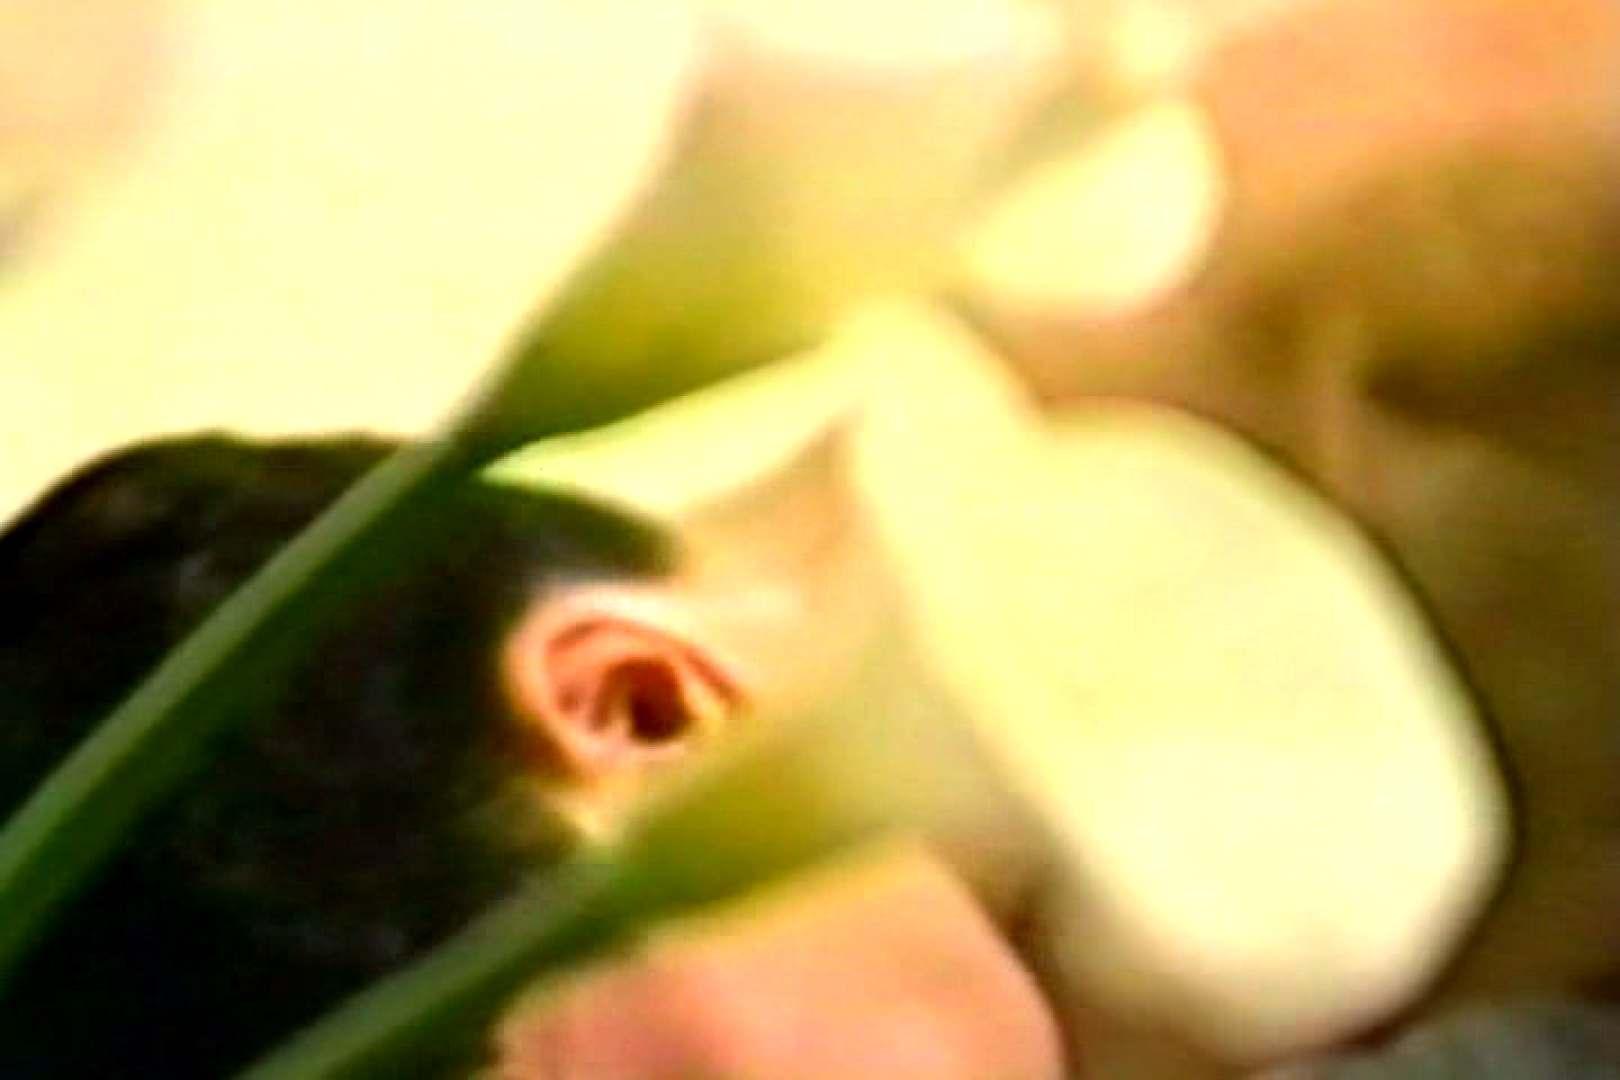 往年の名作 あの頃は若かった!Vol.02 エロ特集 | イケメンパラダイス ゲイセックス画像 105pic 12